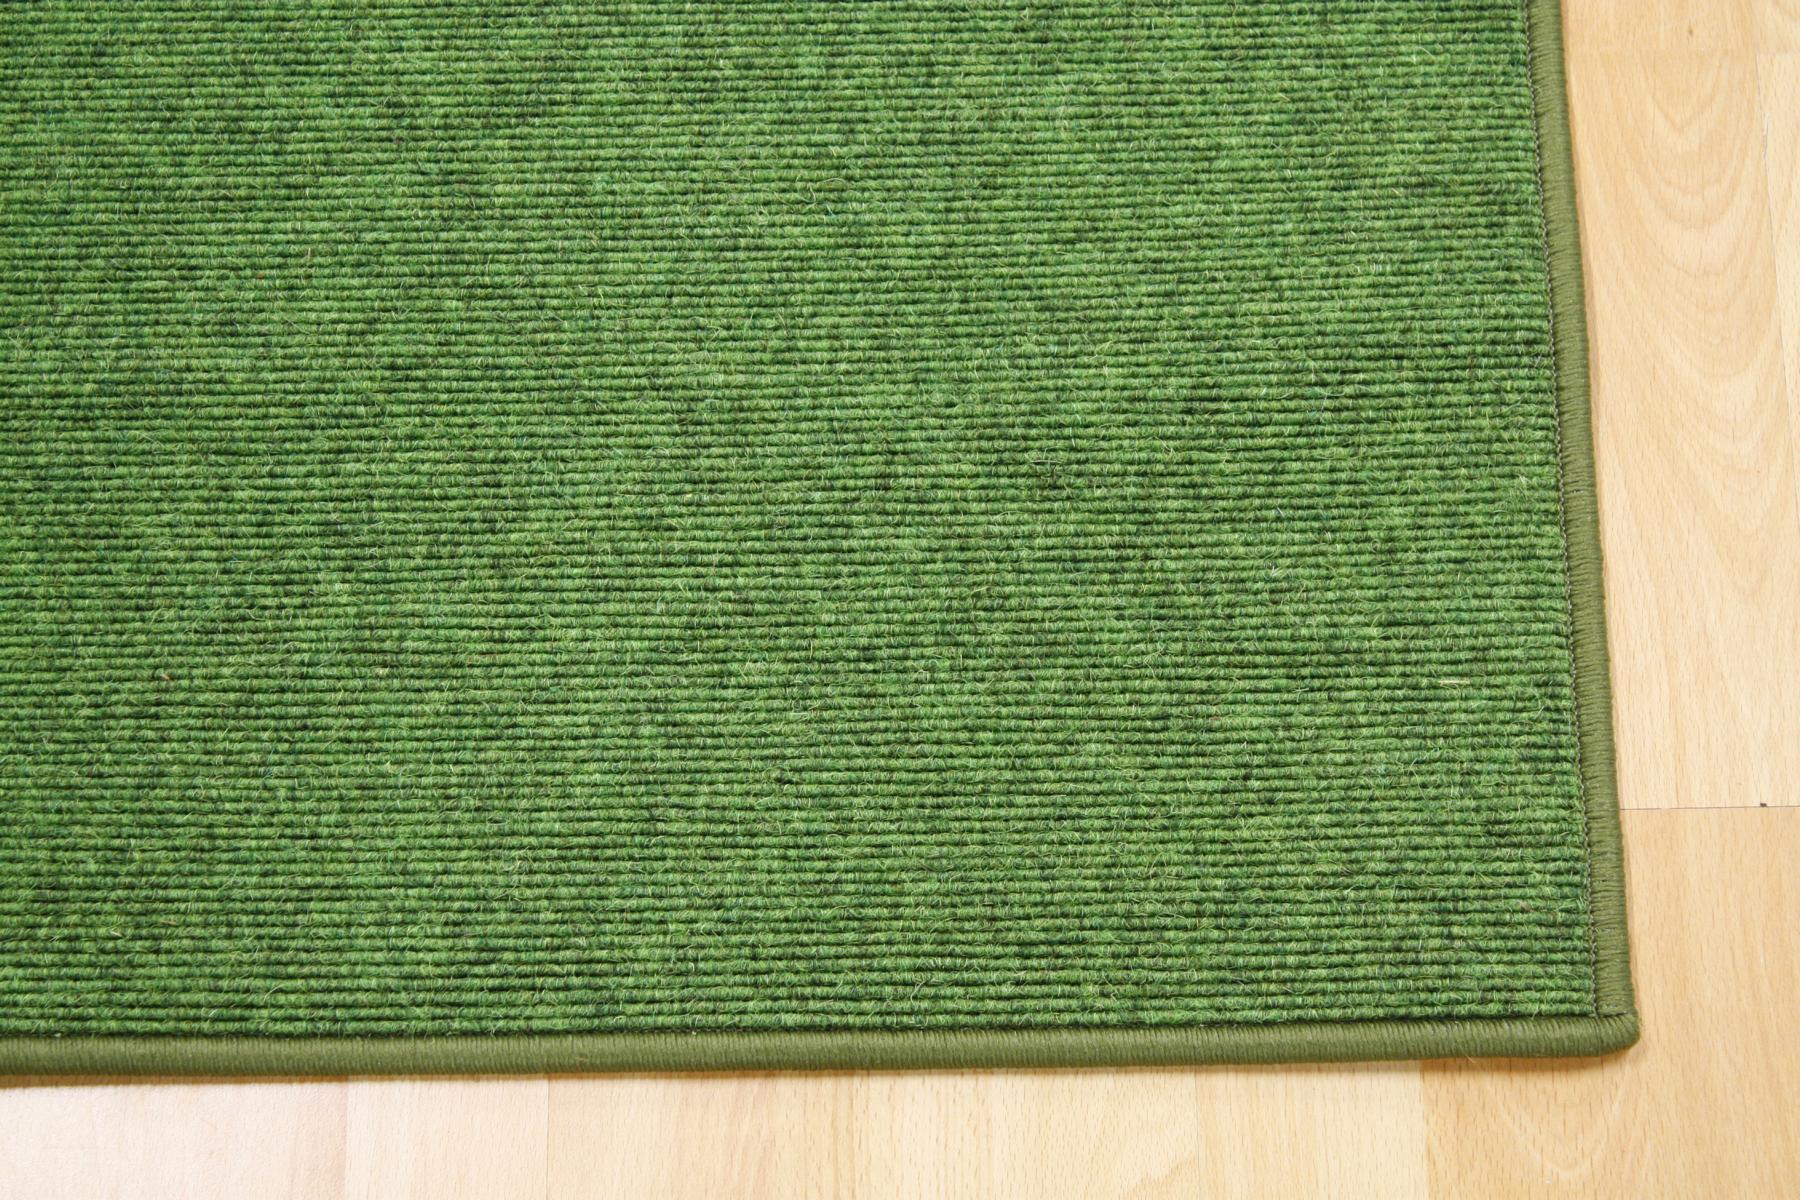 Teppich Tretford 569 umkettelt 100 x 200 cm Ziegenhaar